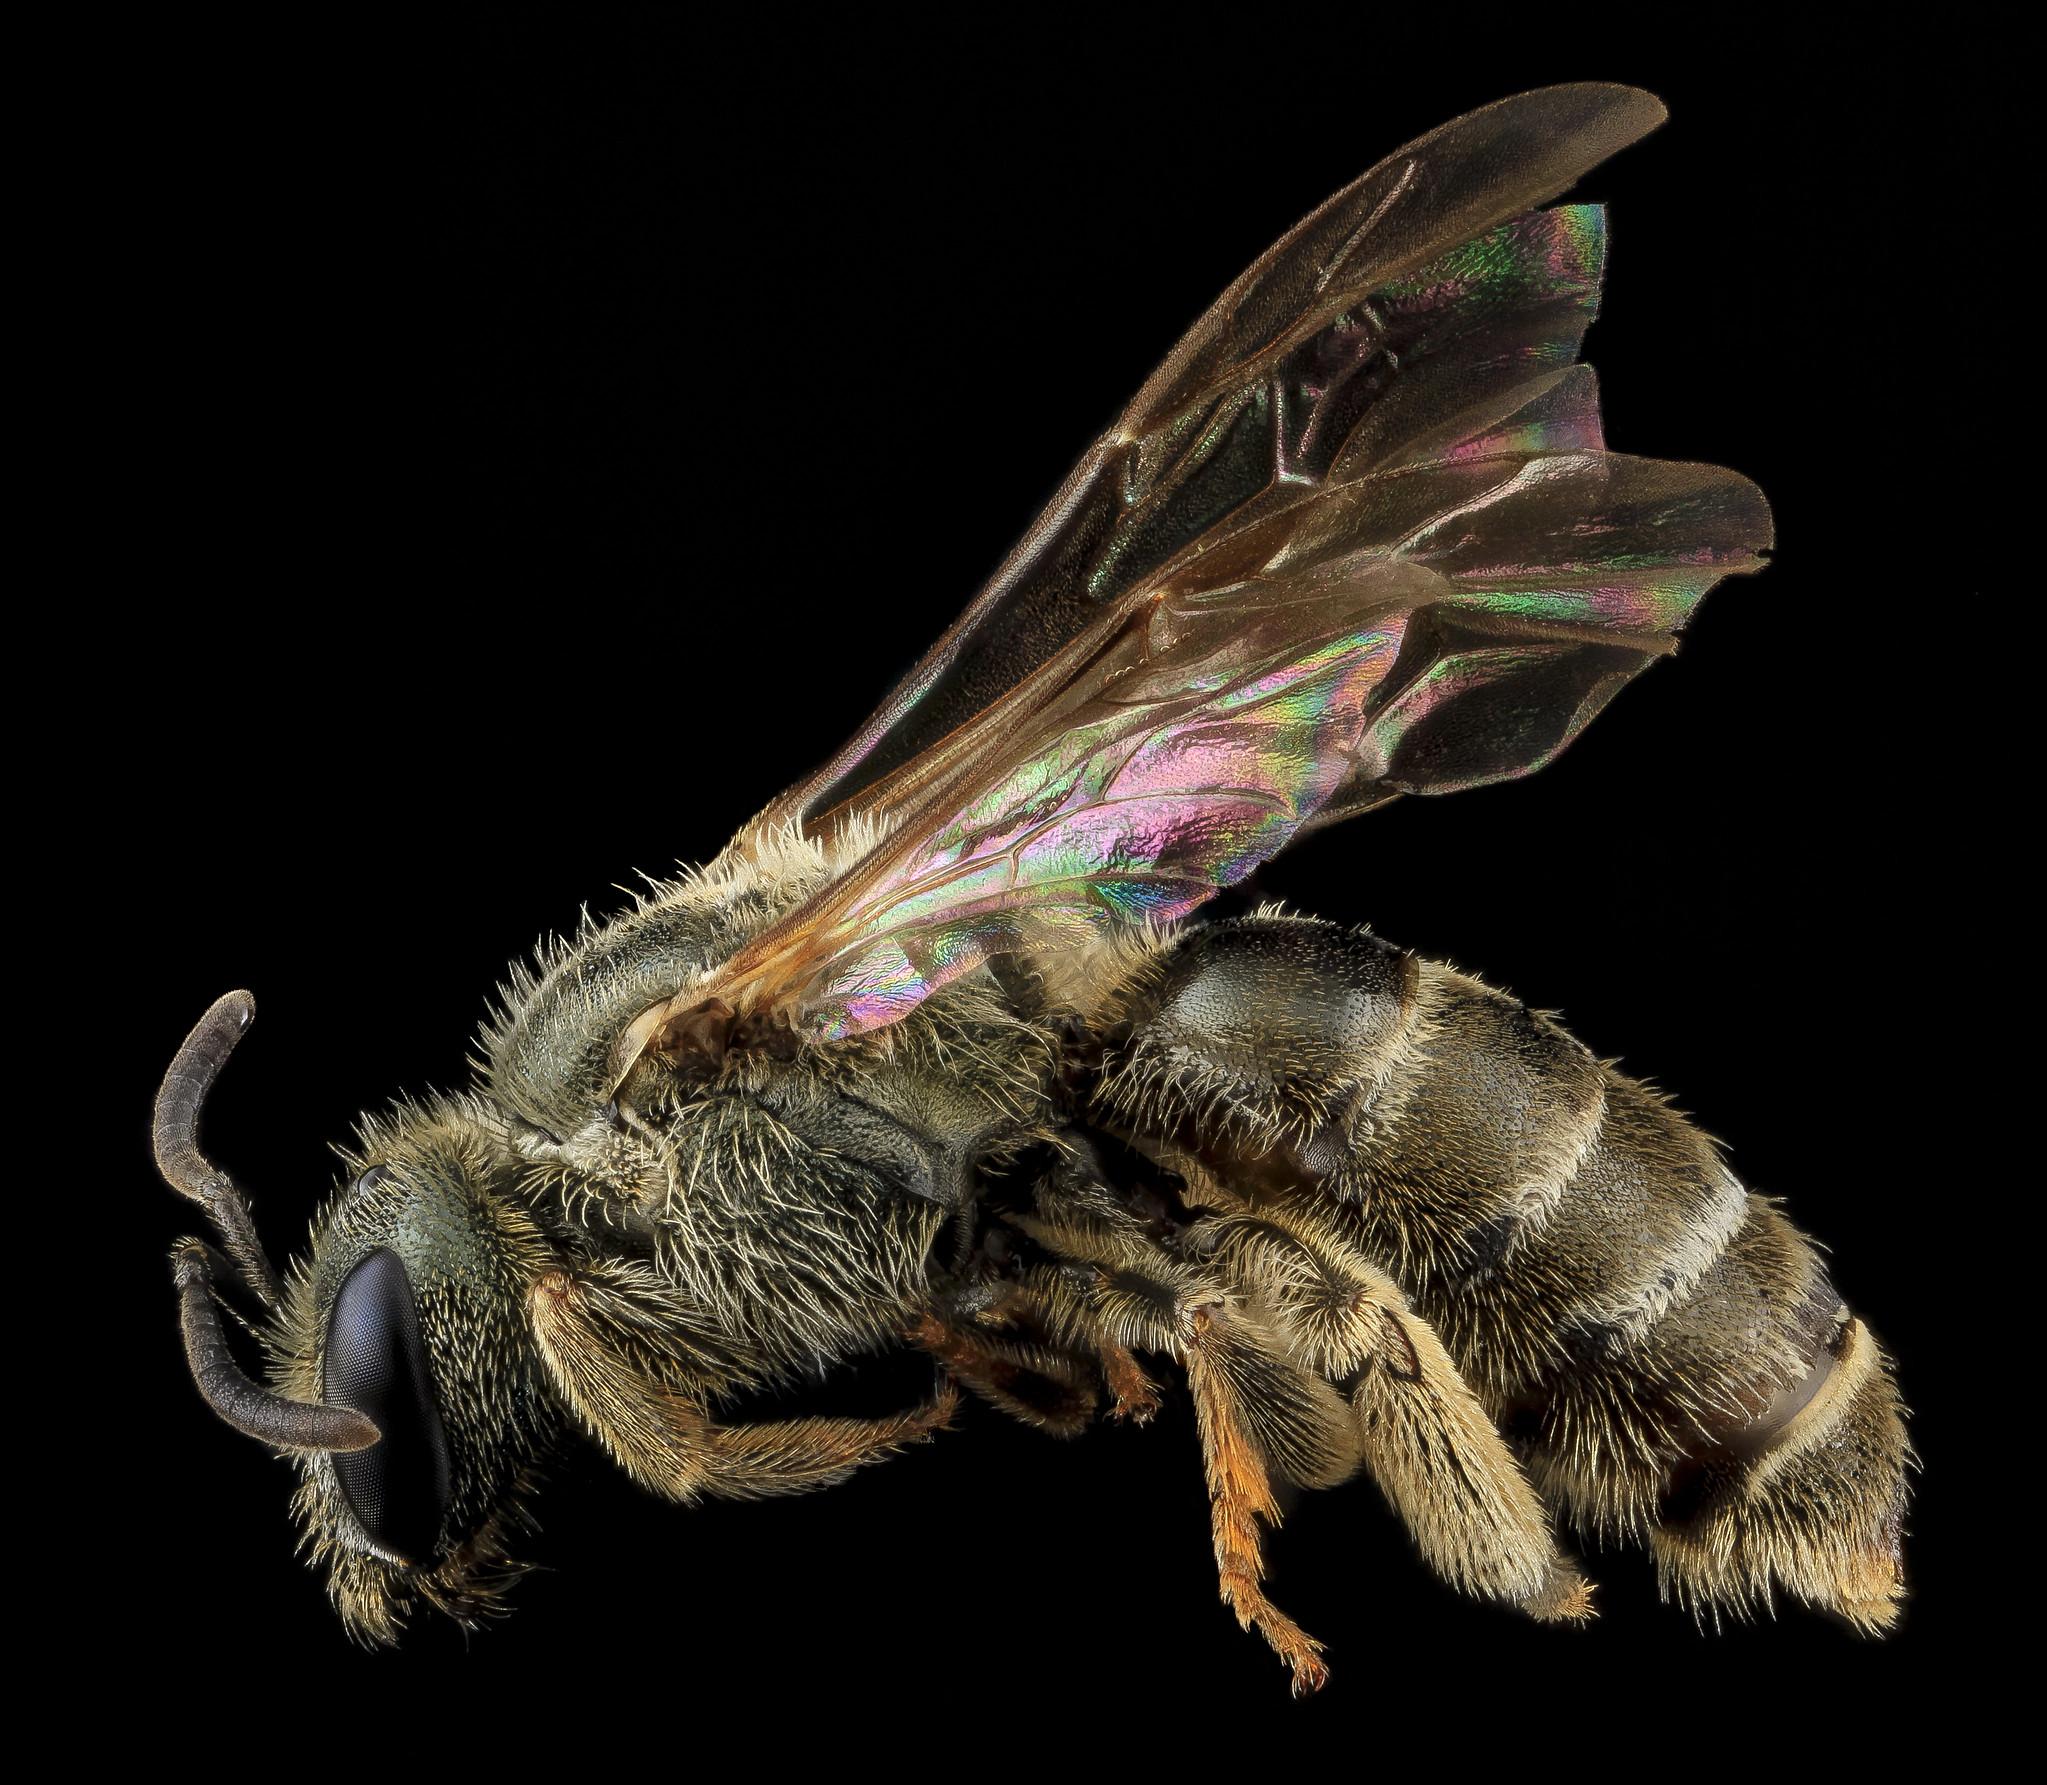 Fühler bei Bienen stehen für Sozialverhalten und Kommunikation